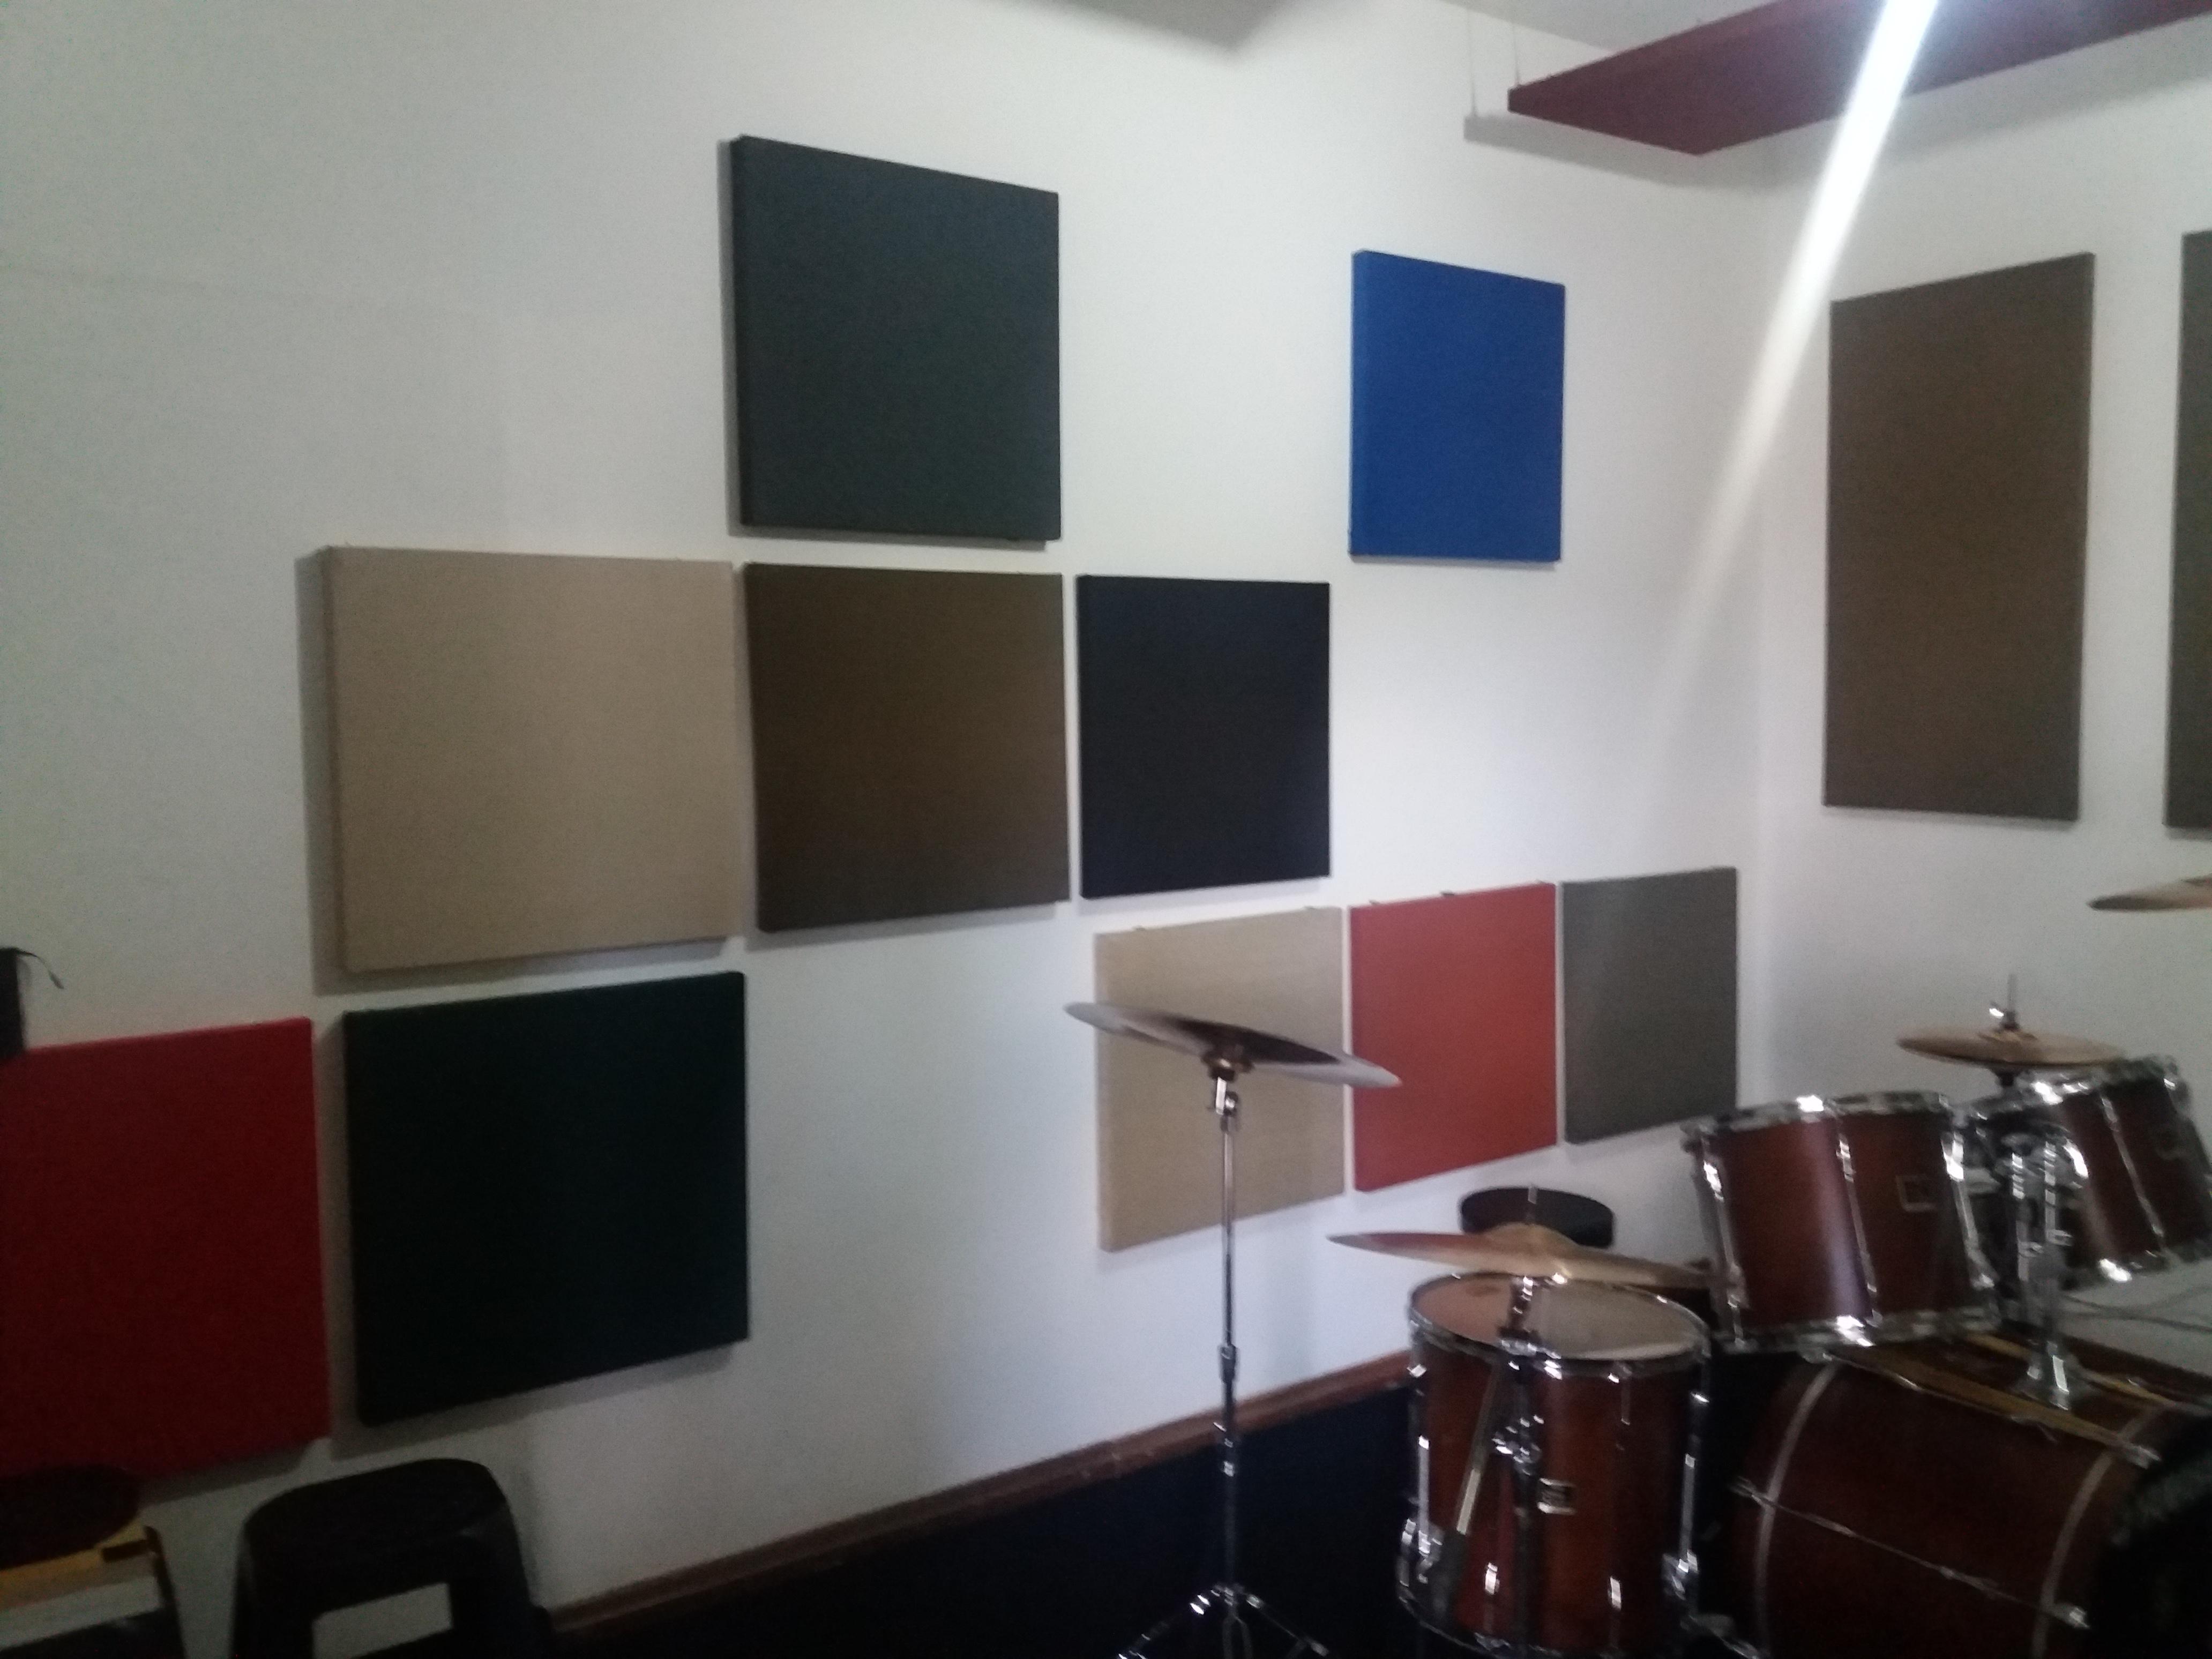 Tira Eco nas paredes